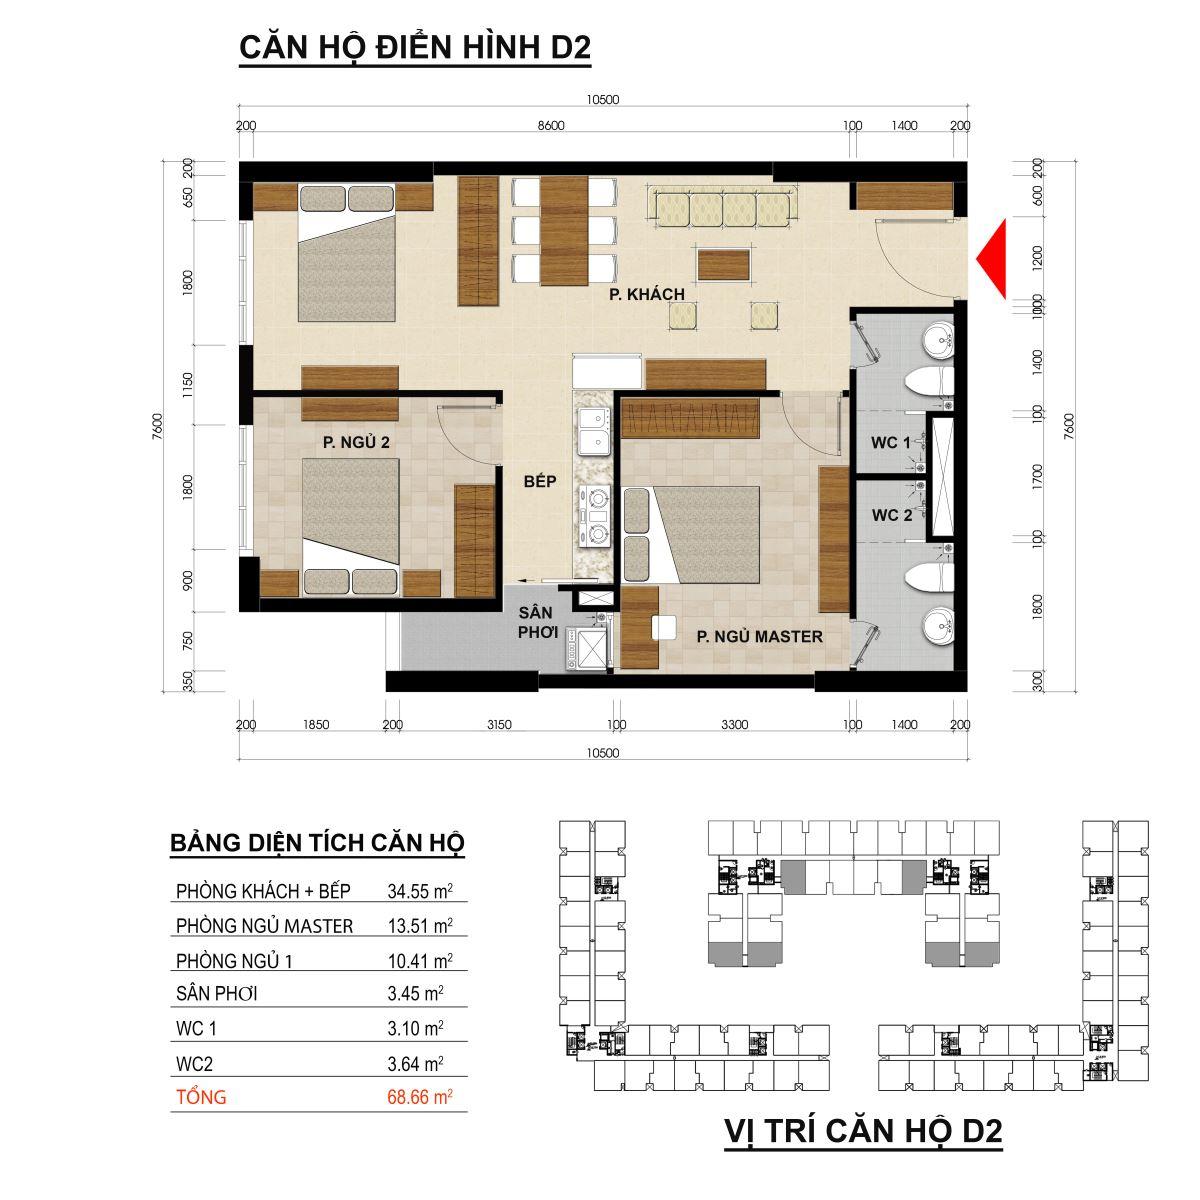 Căn hộ 2 phòng ngủ diện tích 68,66m2